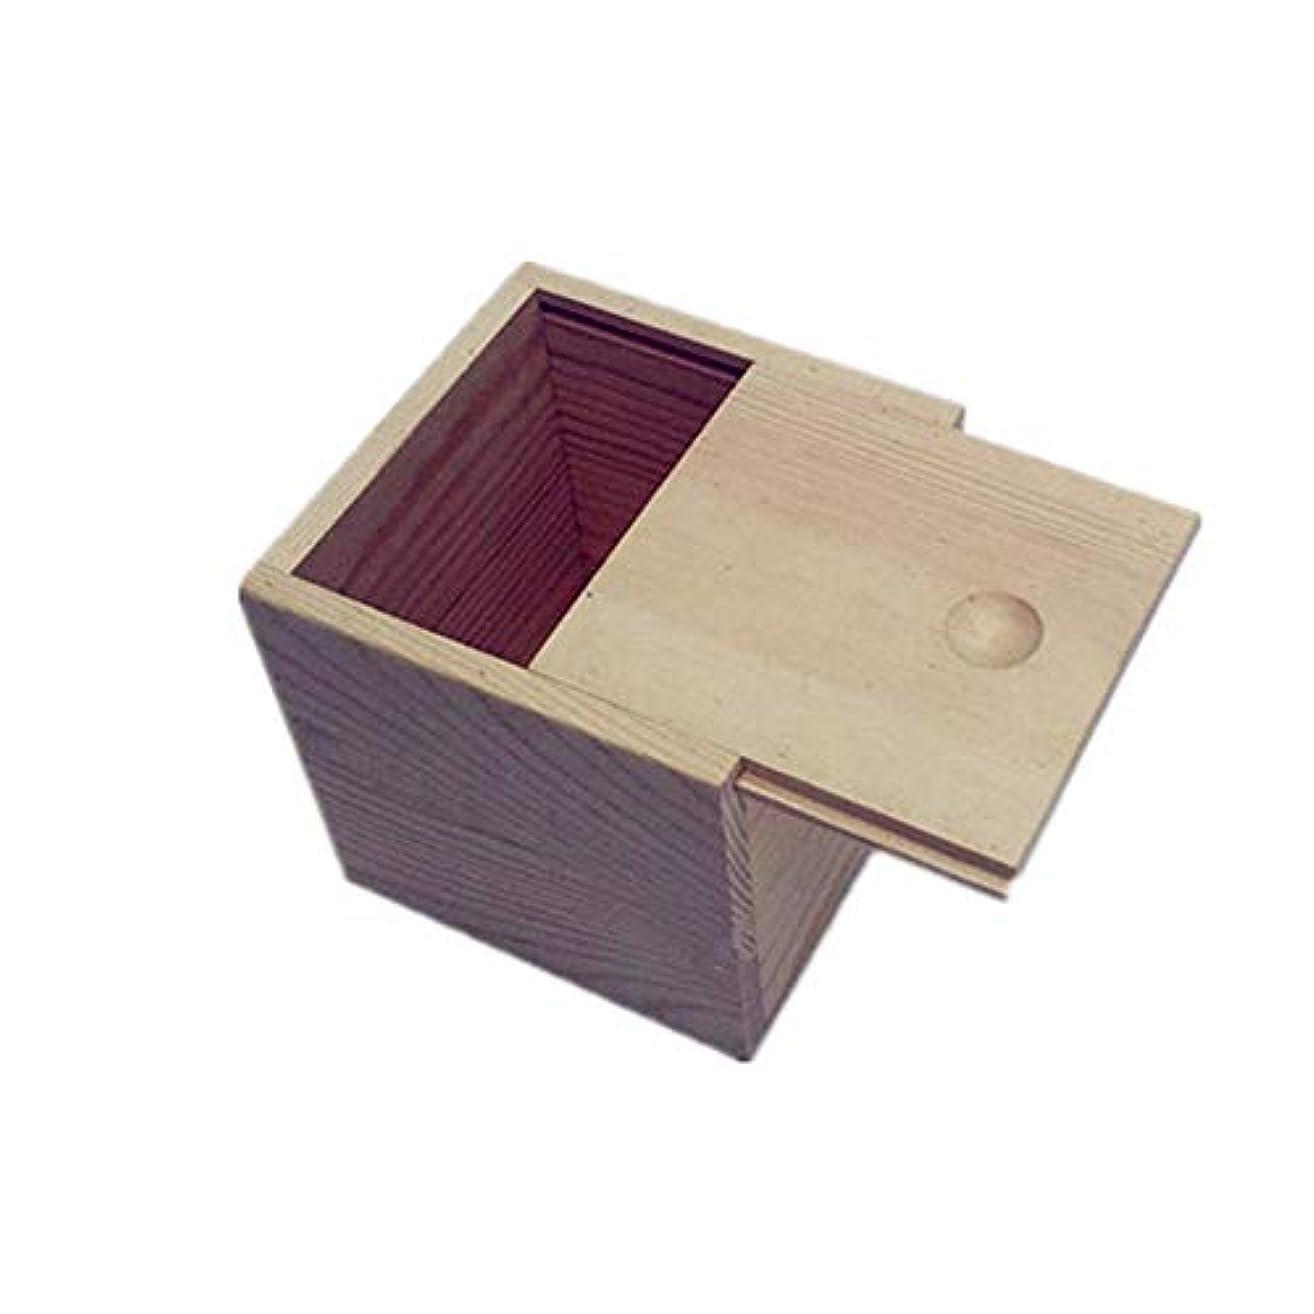 台無しに妻怠なエッセンシャルオイル収納ボックス 木製のエッセンシャルオイルストレージボックス安全なスペースセーバー9x9x5cmあなたの油を維持するためのベスト (色 : Natural, サイズ : 9X9X5CM)